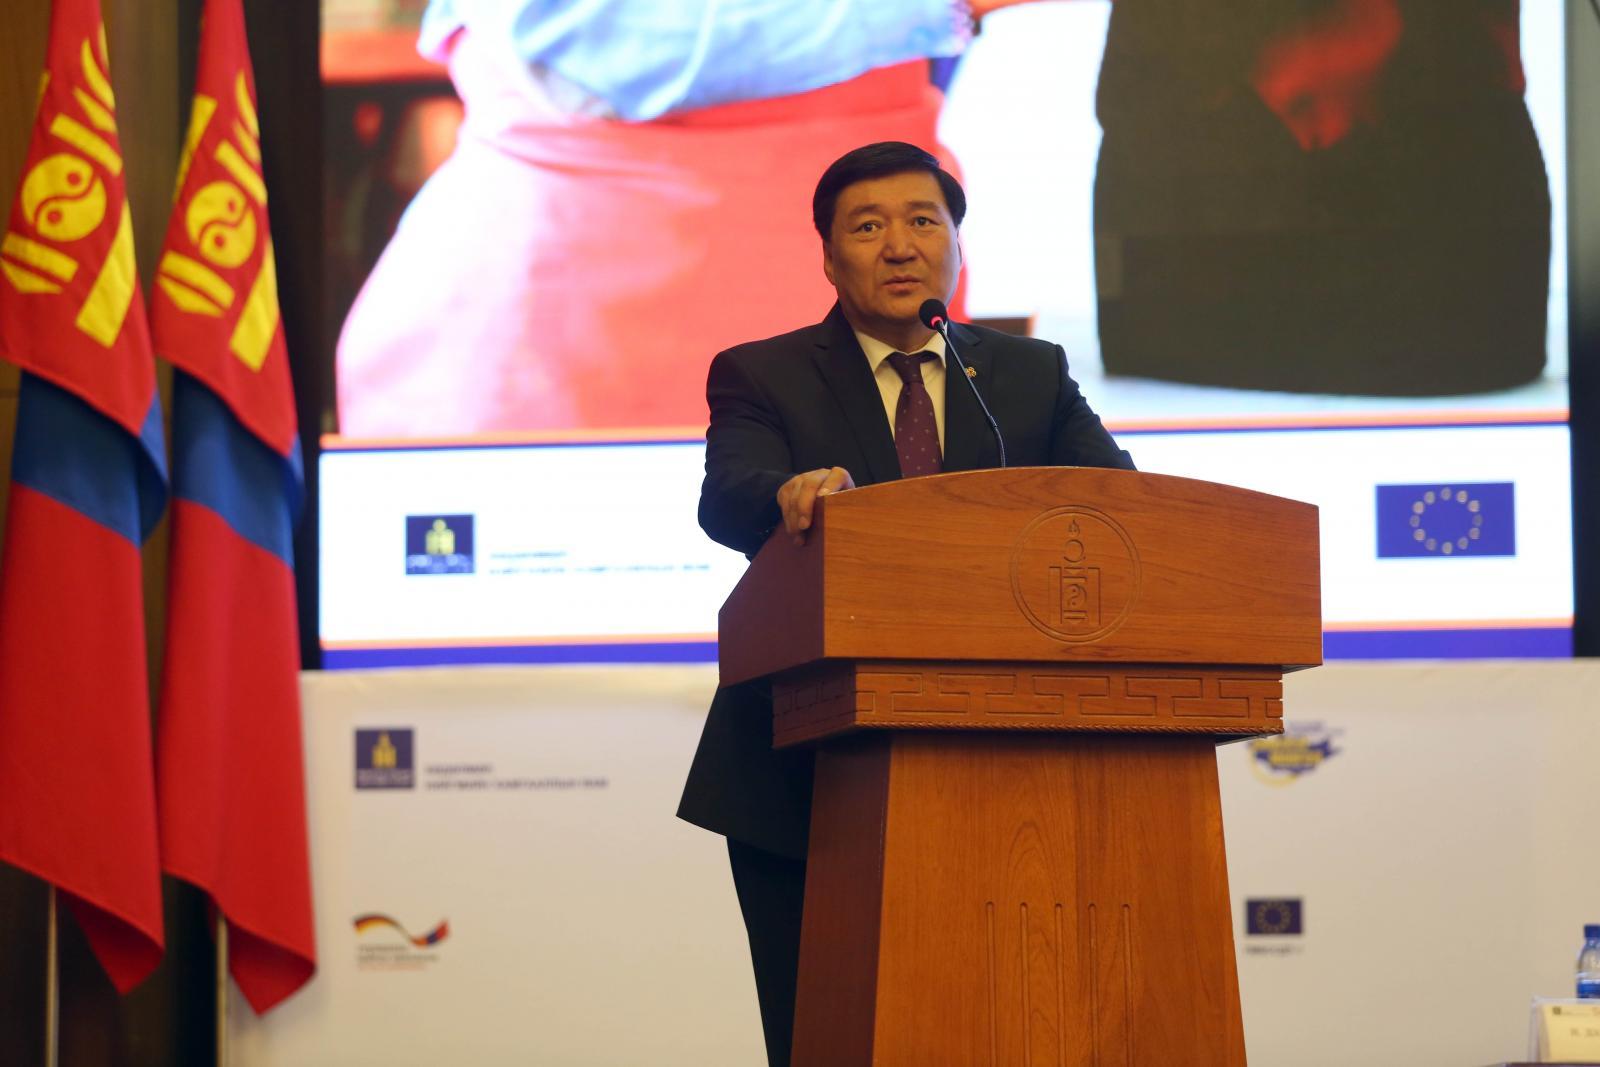 С.Чинзориг:  Мэргэшсэн чадварлаг боловсон хүчний бодлого хэрэгжүүлж чадсан улс орон хөгждөг